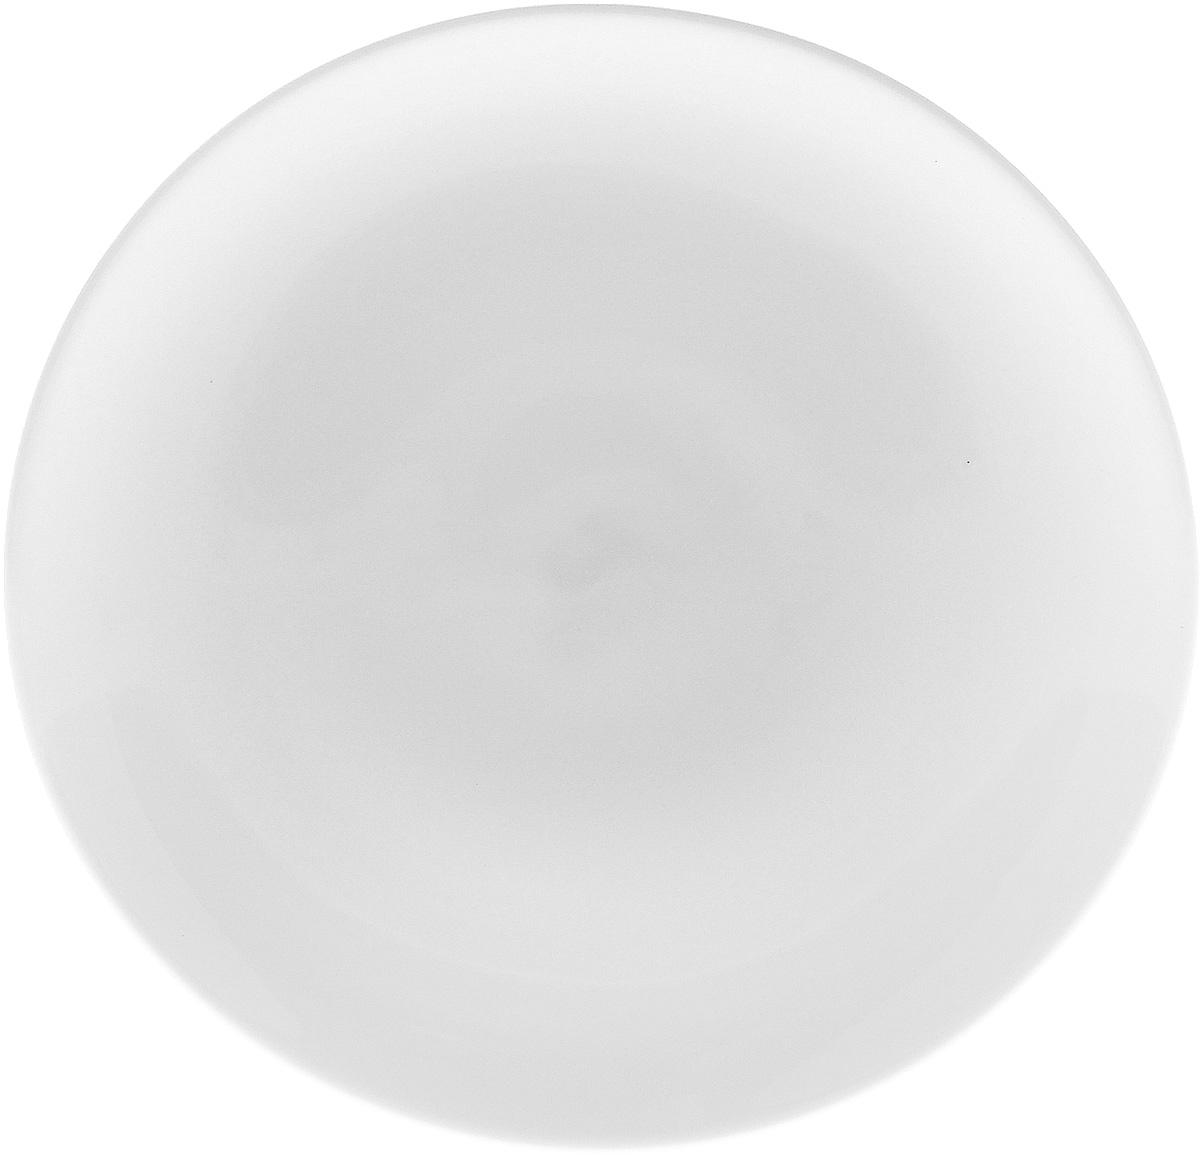 Тарелка Wilmax, диаметр 18 смWL-991012 / AТарелка Wilmax выполнена из высококачественного фарфора с глазурованным покрытием. Благодаря уникальной технологии, изделие устойчиво к сколам и обладает исключительной белизной. Такая посуда идеально подойдет для сервировки стола и станет отличным подарком к любому празднику.